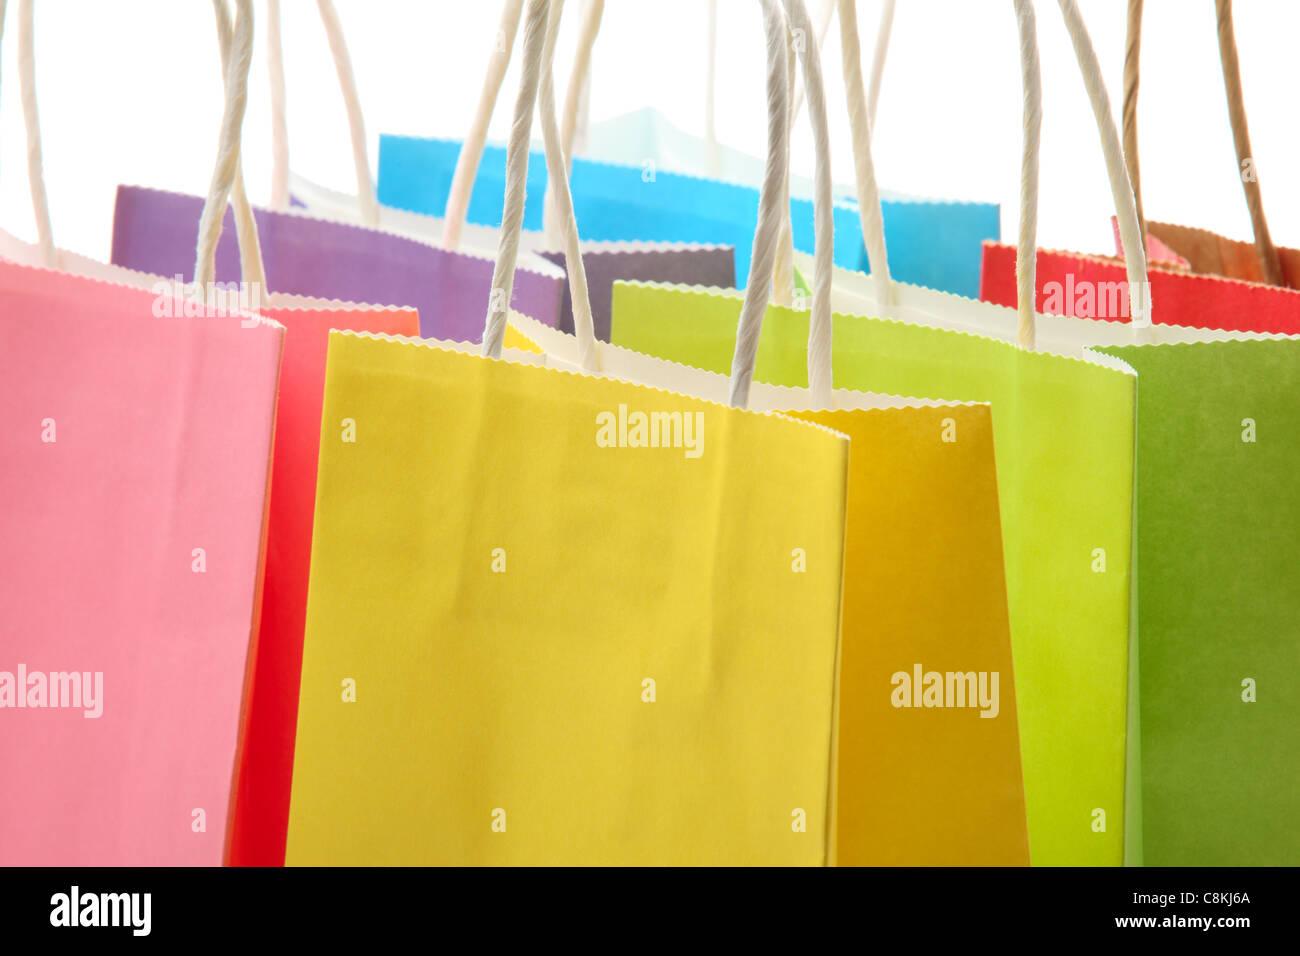 Nahaufnahme von bunten Einkaufstüten Stockbild